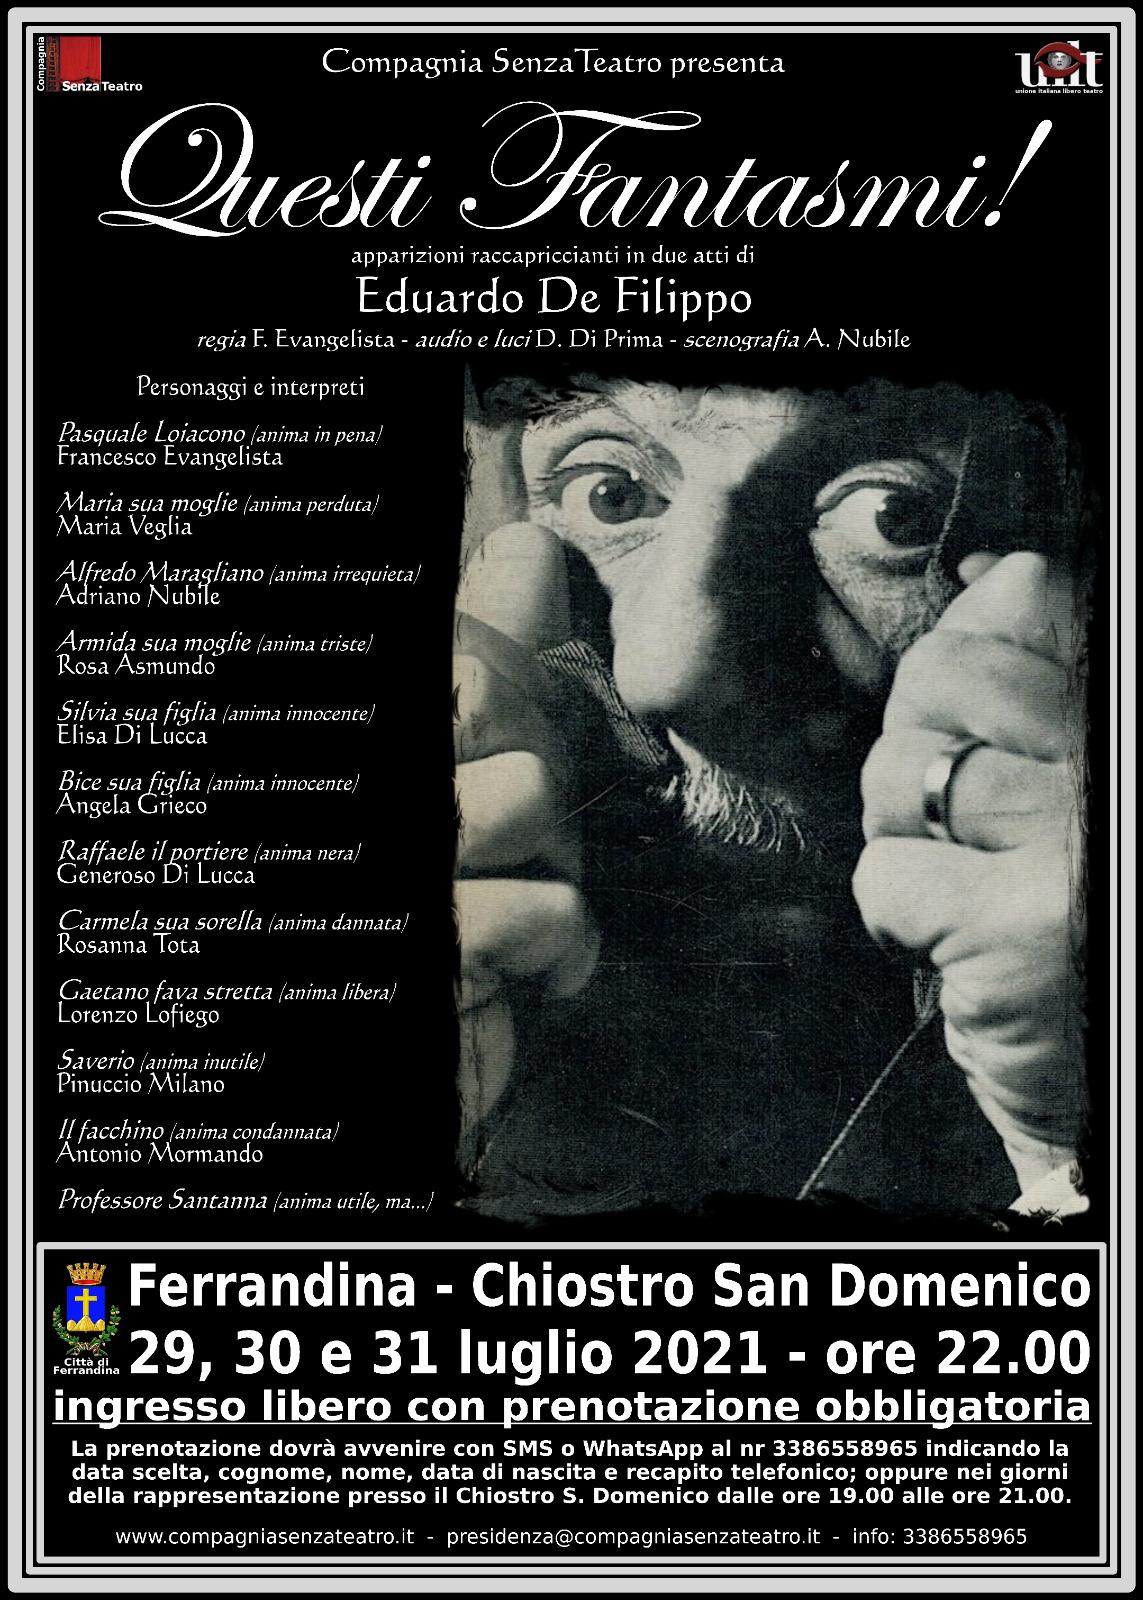 29/30/31 luglio 2021 Questi Fantasmi-Ferrandina (MT) Chiostro San Domenico ore 22.00